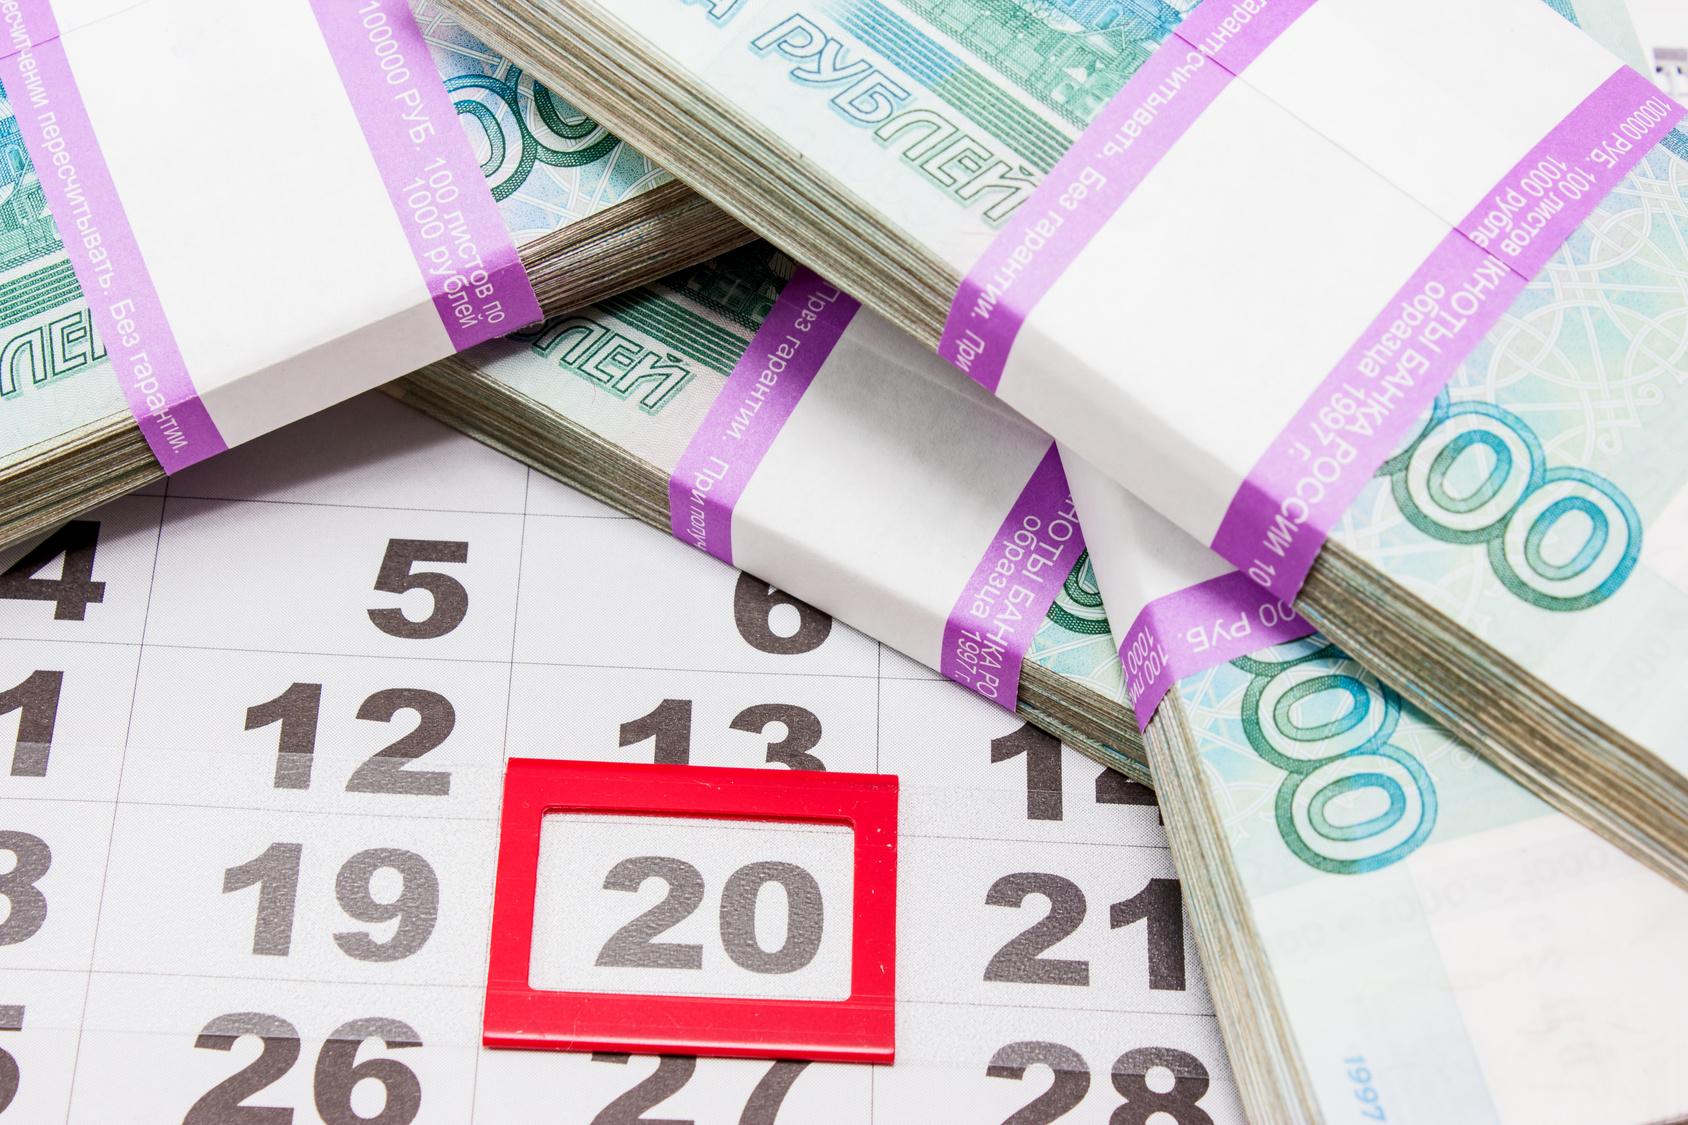 Постельное белье изменения в выплате заработной платы с октября 2016 зимней рыбалки